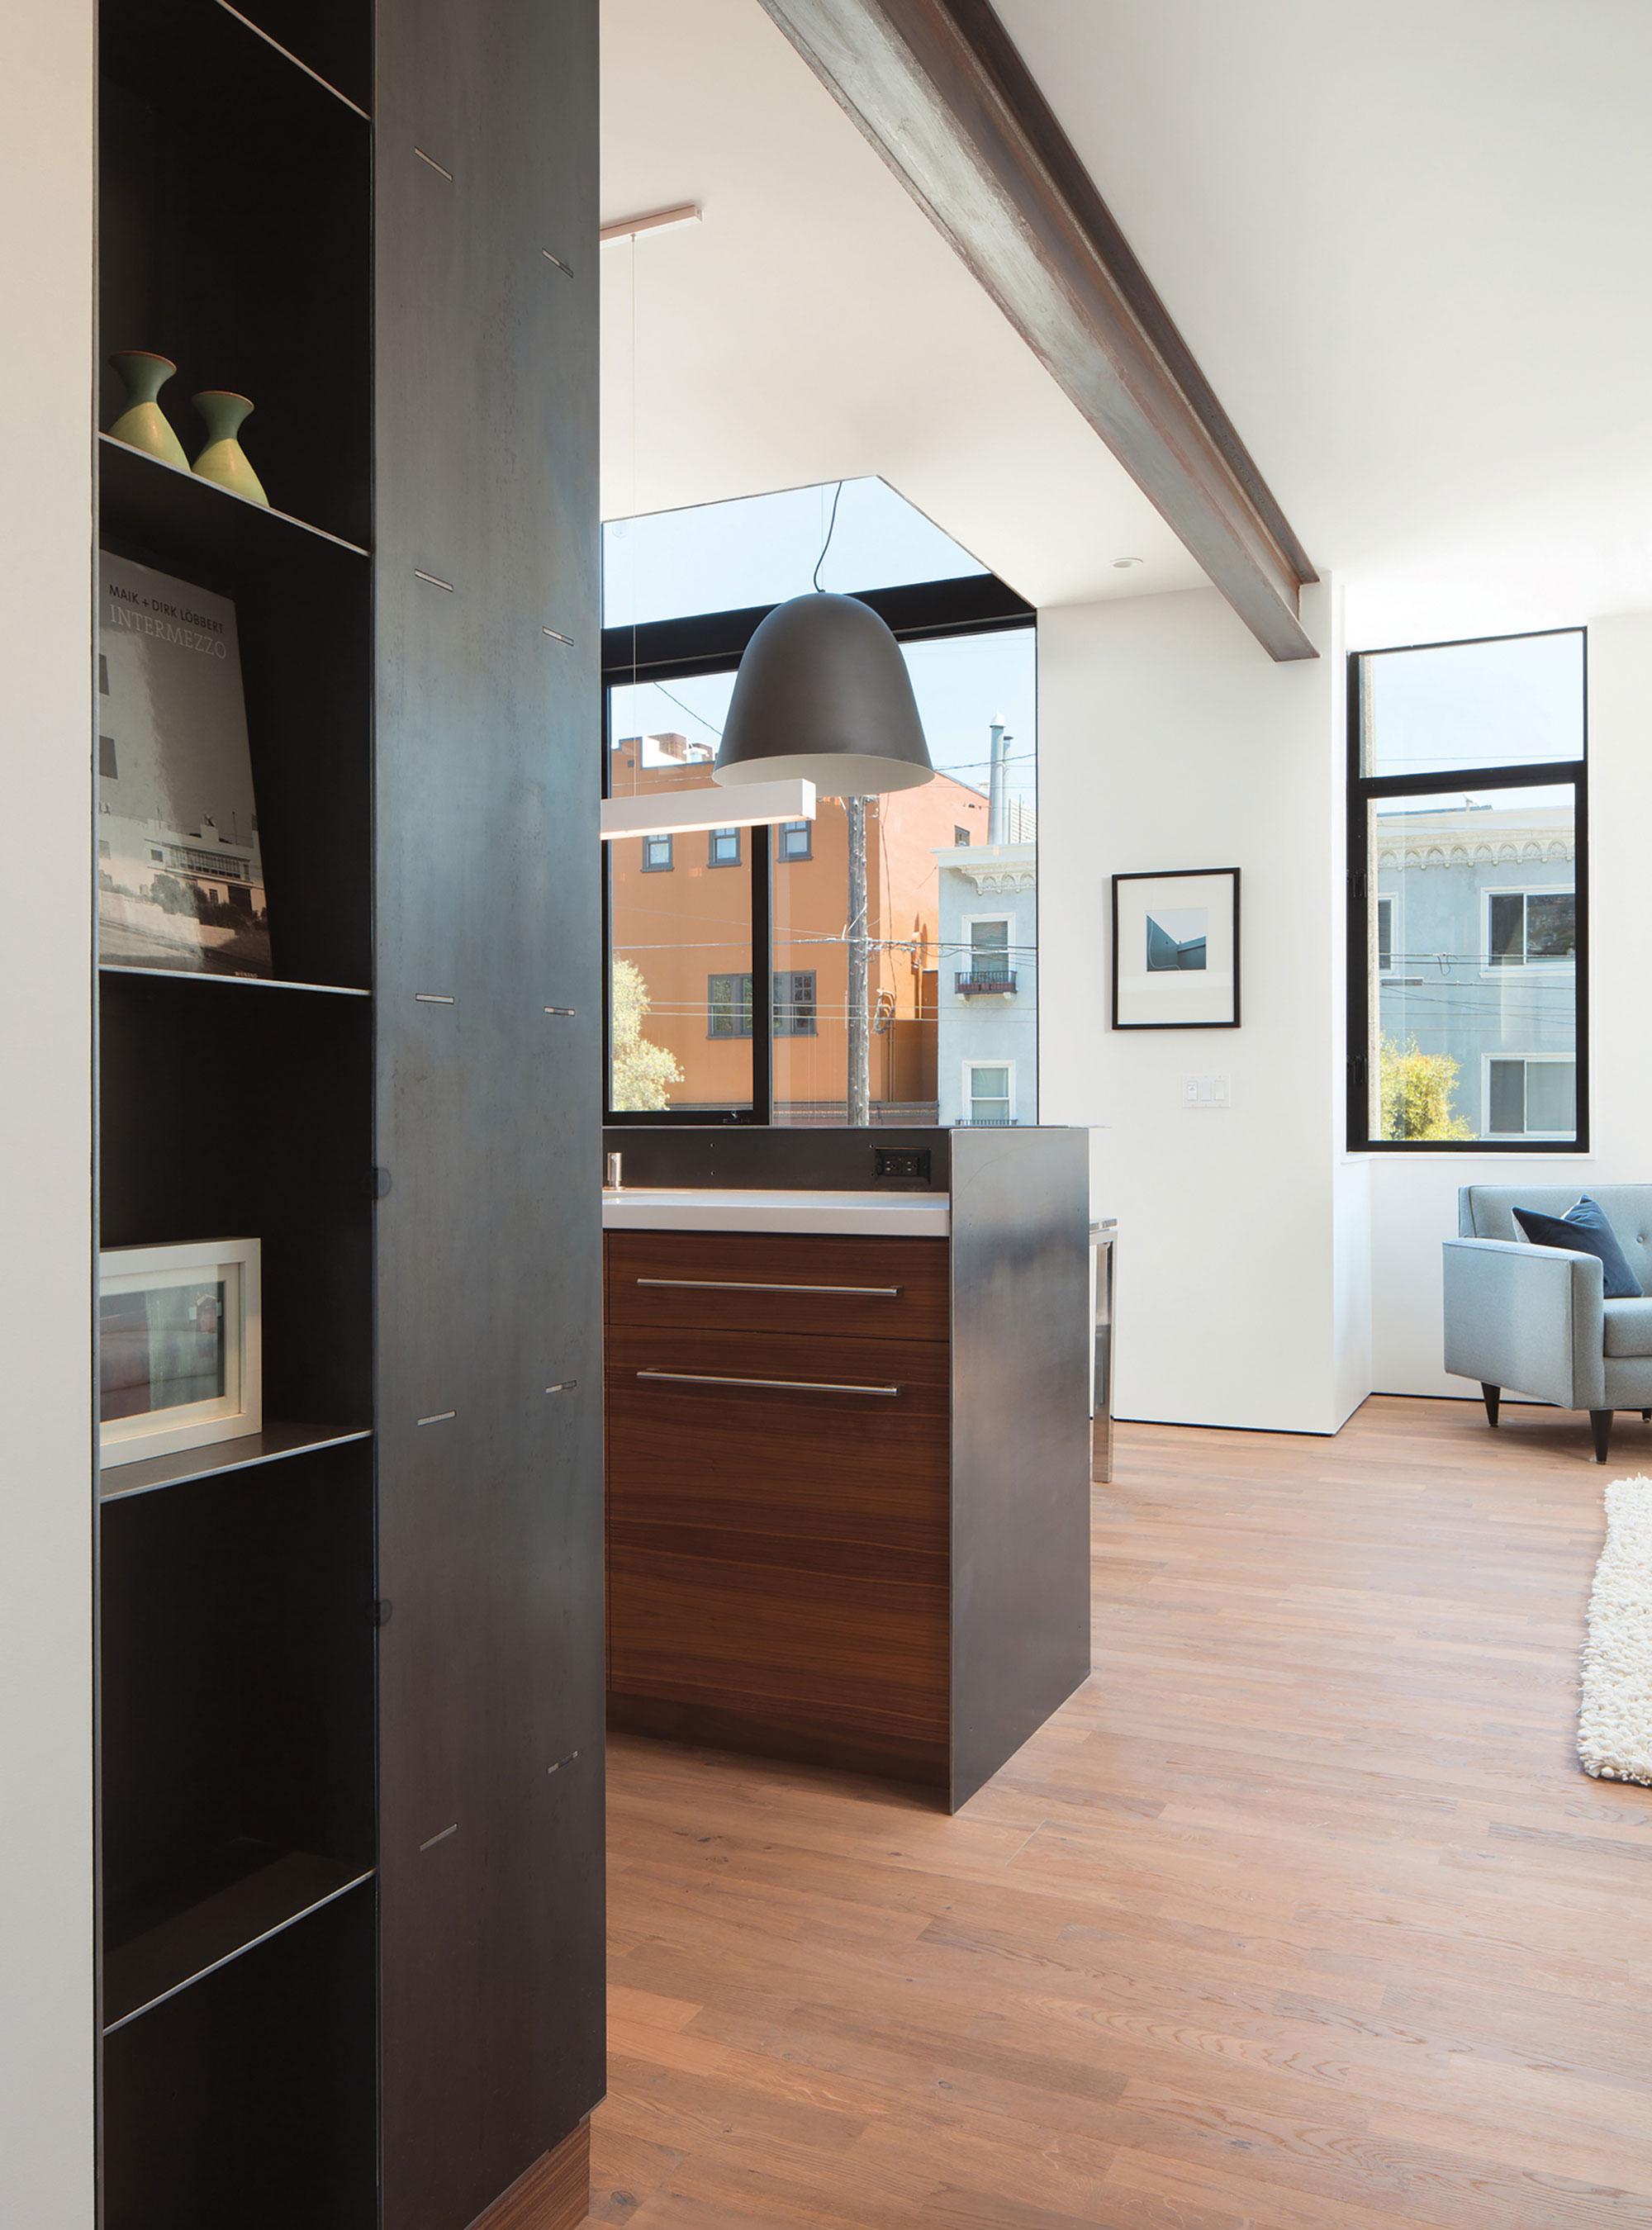 Bright and Elegant Interior Design of Steelhouse 1 plus 2 by Zack de Vito Architecture-04